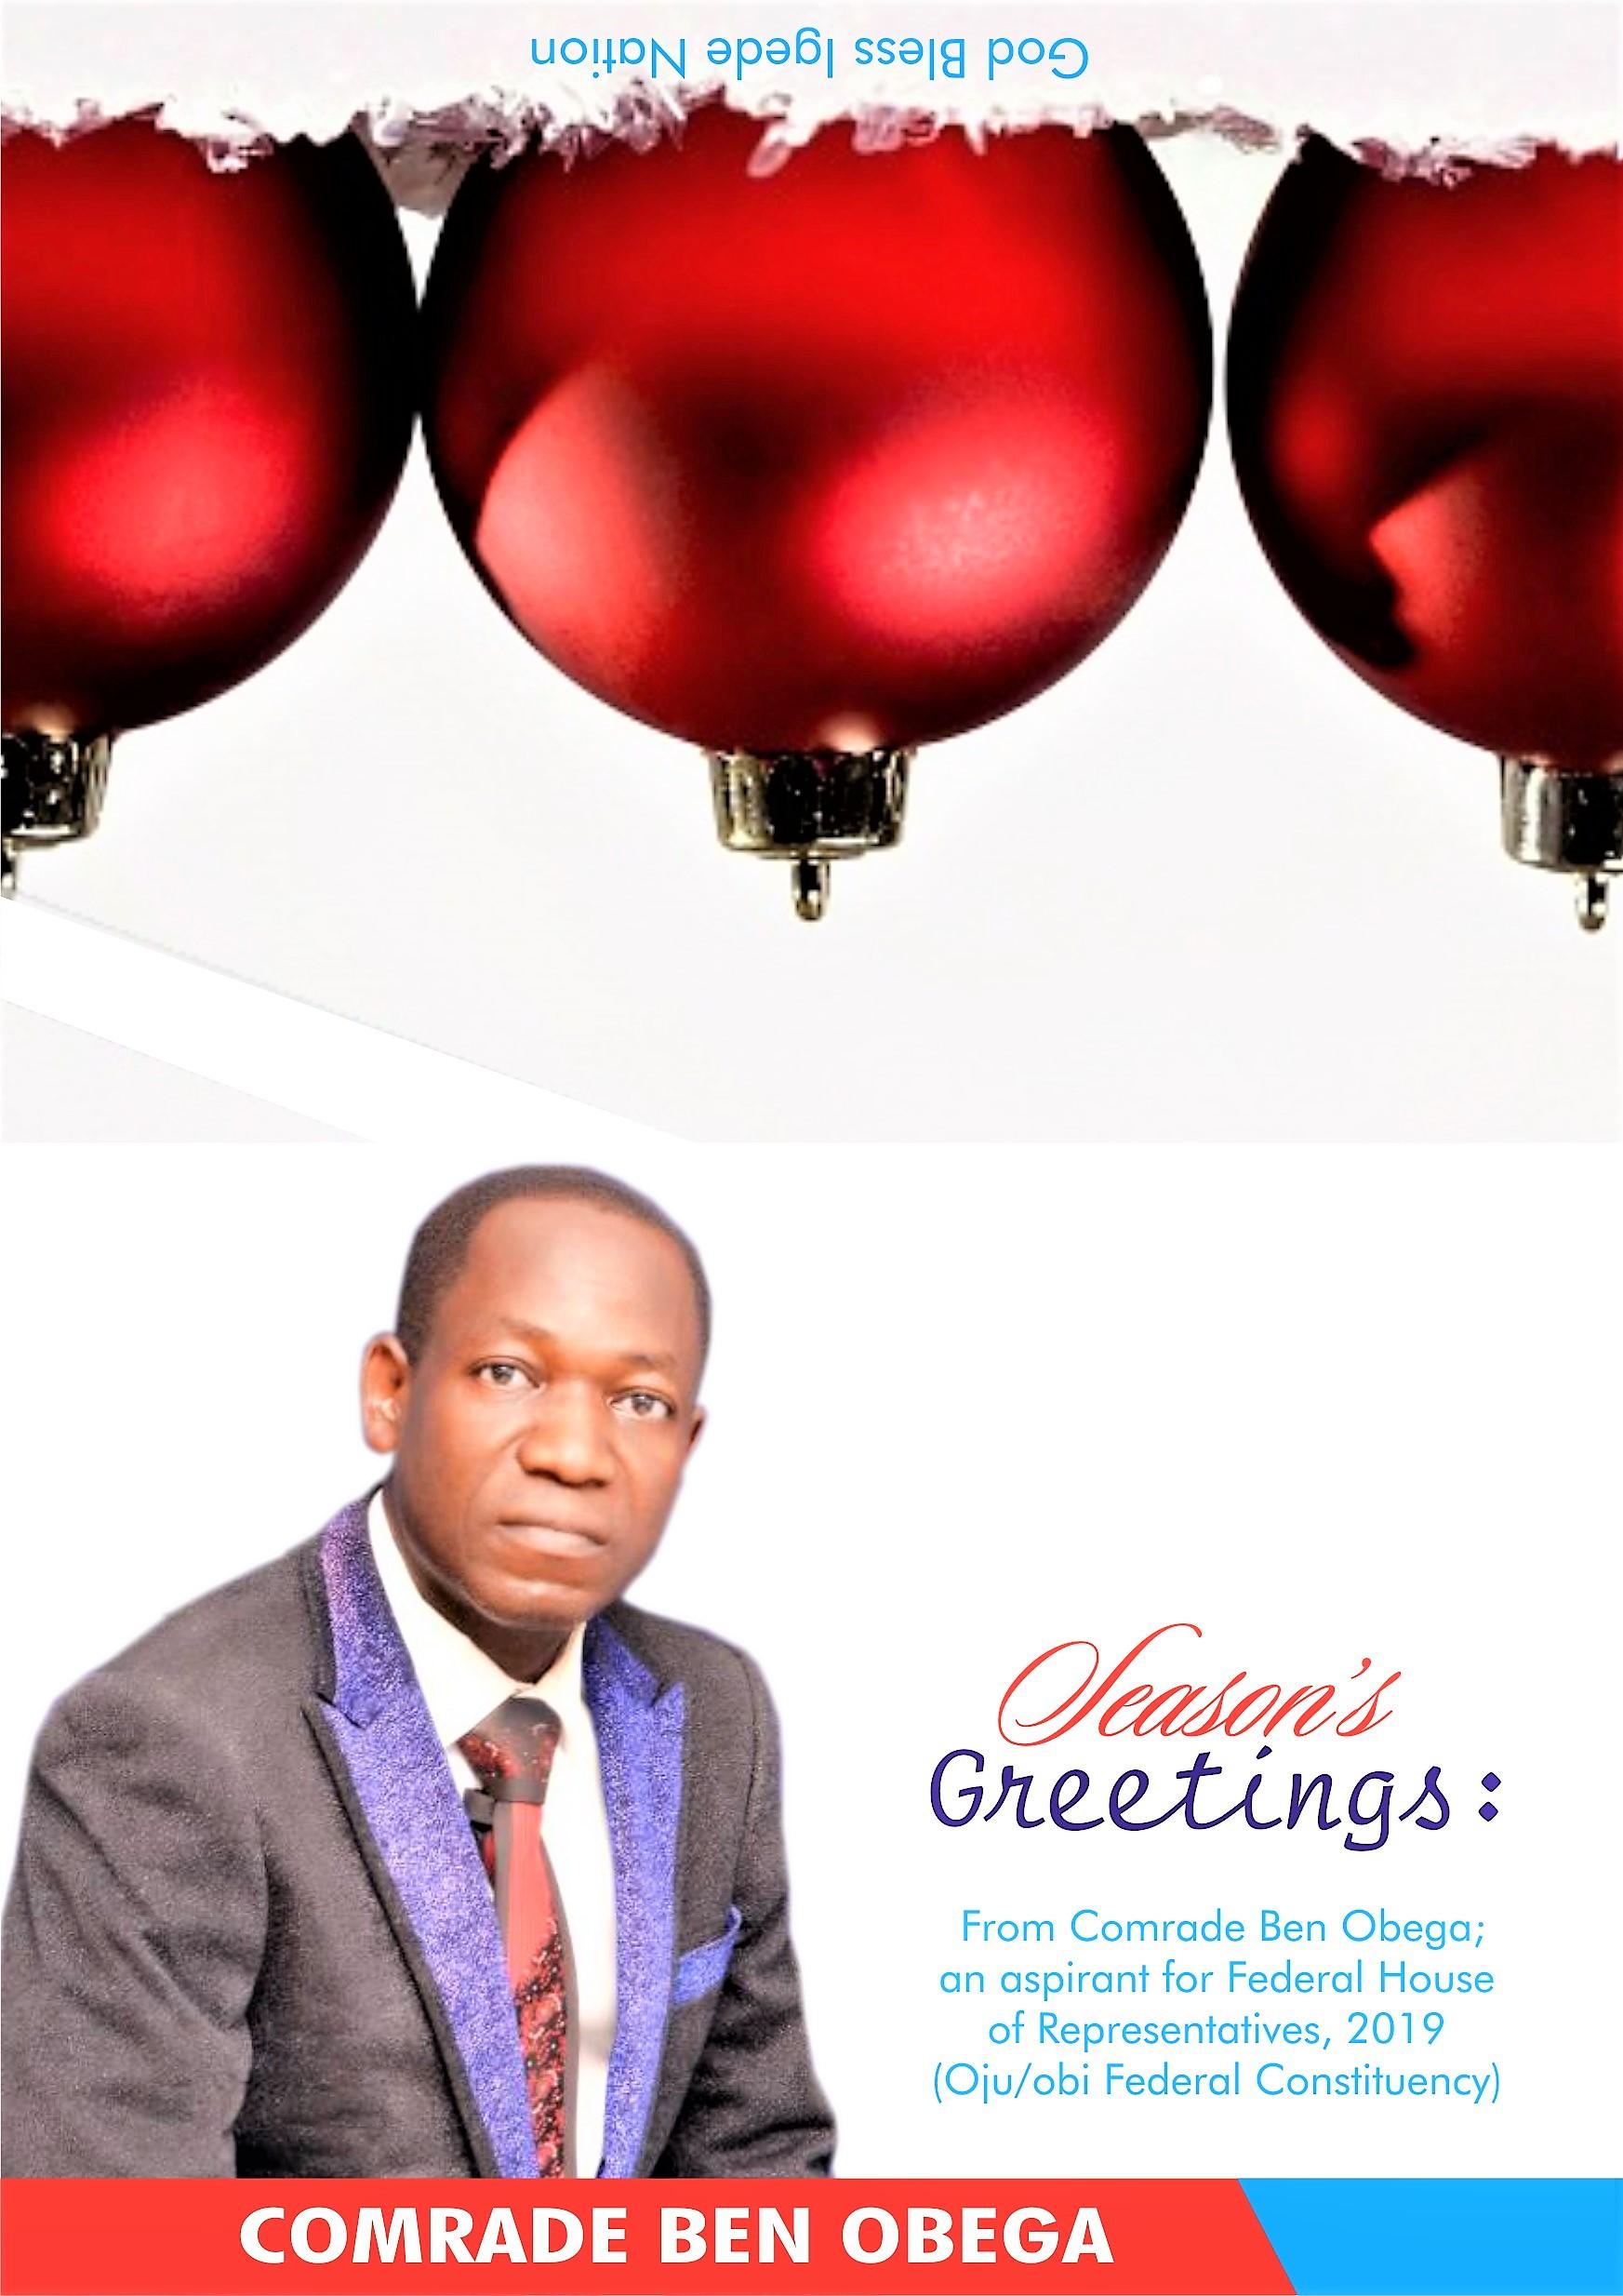 SEASON'S GREETINGS FROM COMR. BEN OBEGA, 2019 HOR HOPEFUL